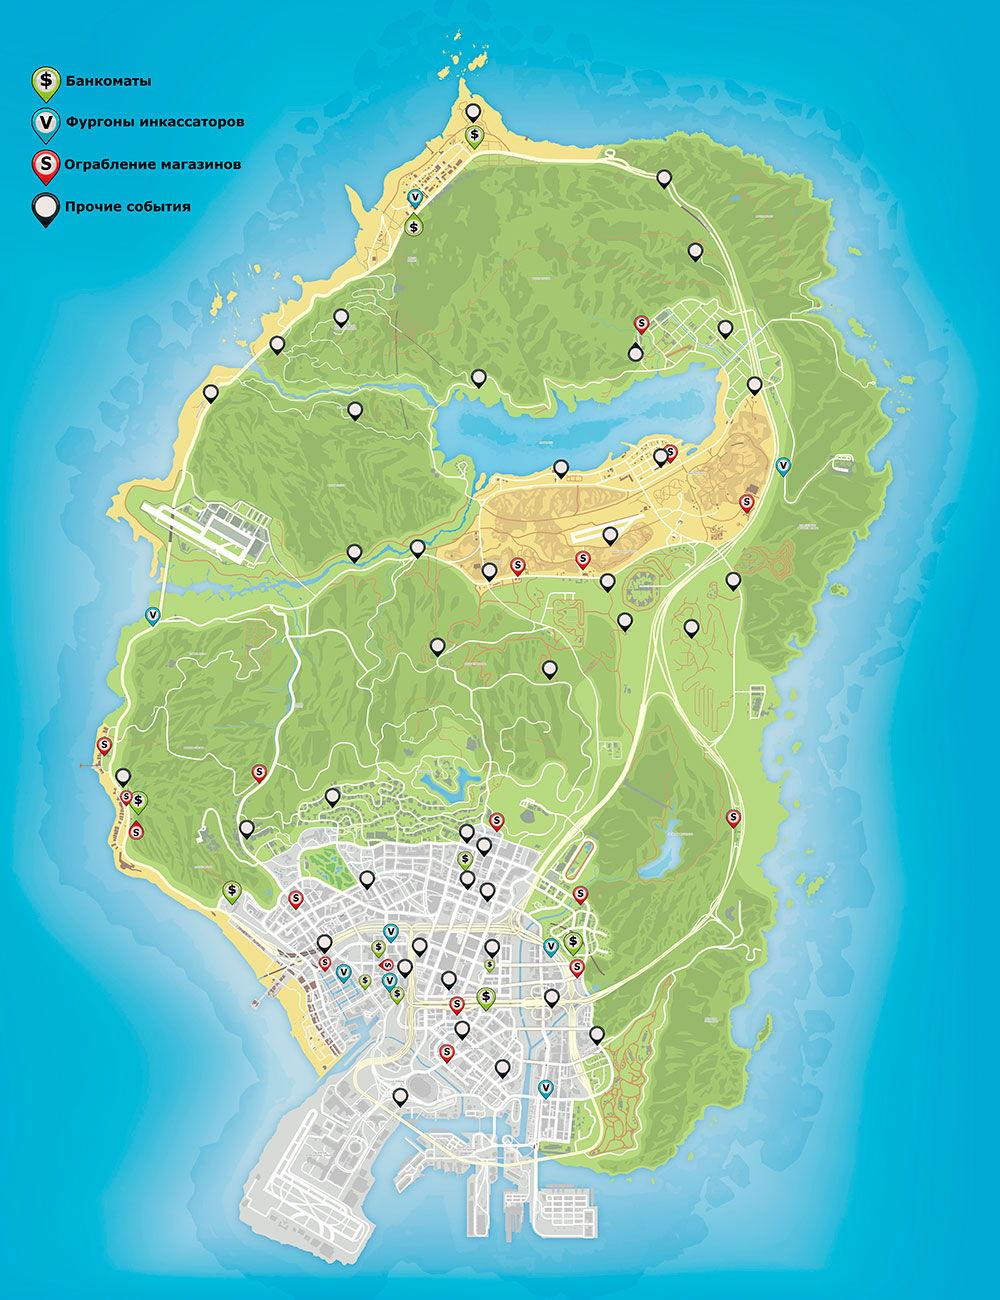 Карта случайных событий